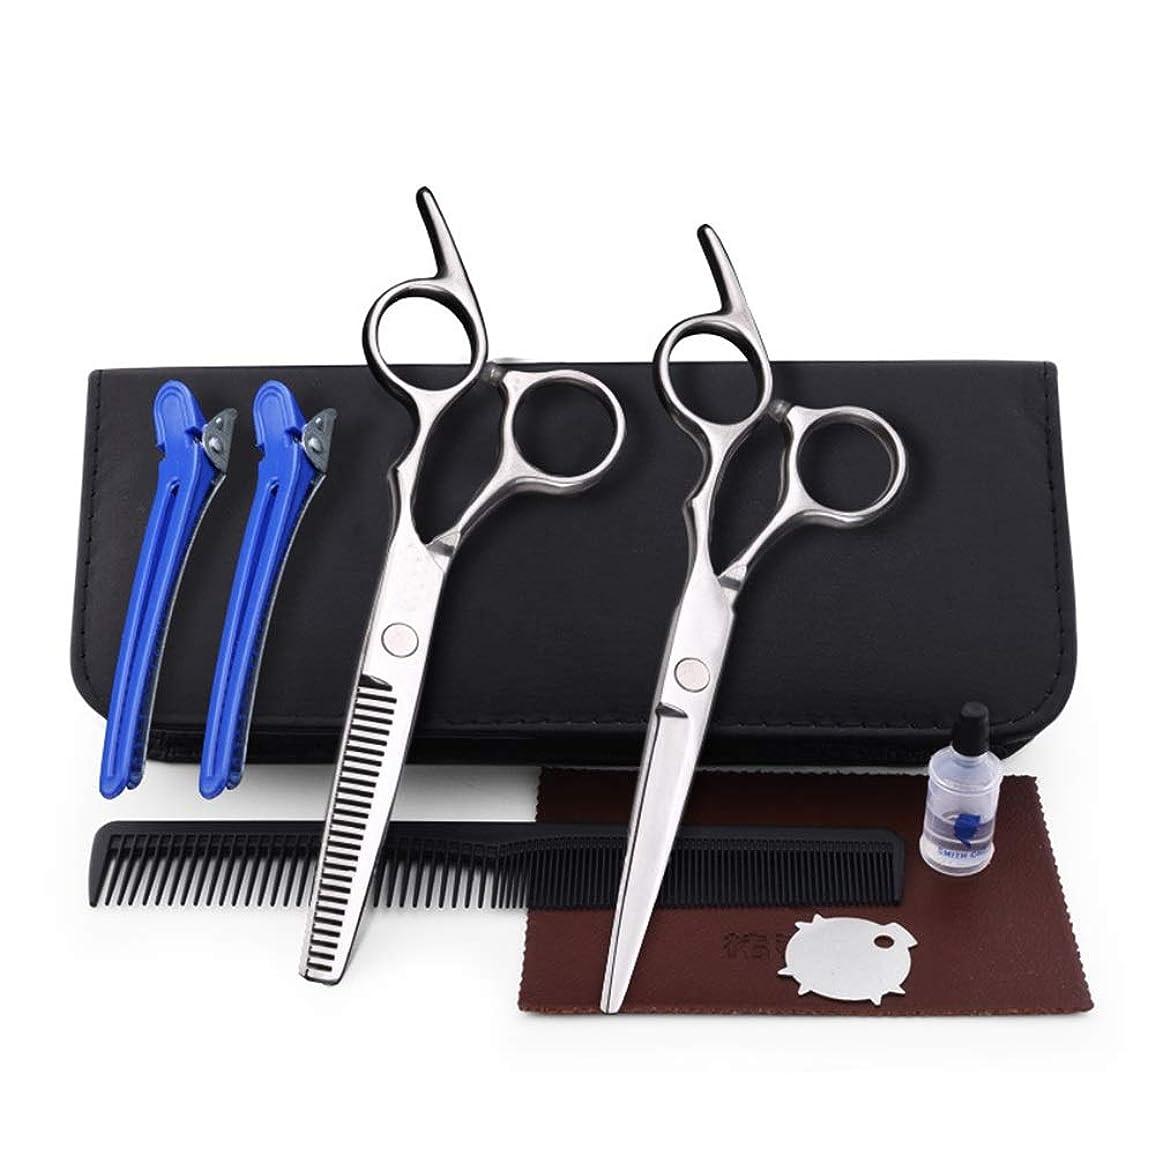 提唱する排泄する石炭6.0インチ理髪はさみ、ヘアーサロンファミリーはさみセットフラット+歯はさみセットコンビネーションツールセット モデリングツール (色 : Silver)